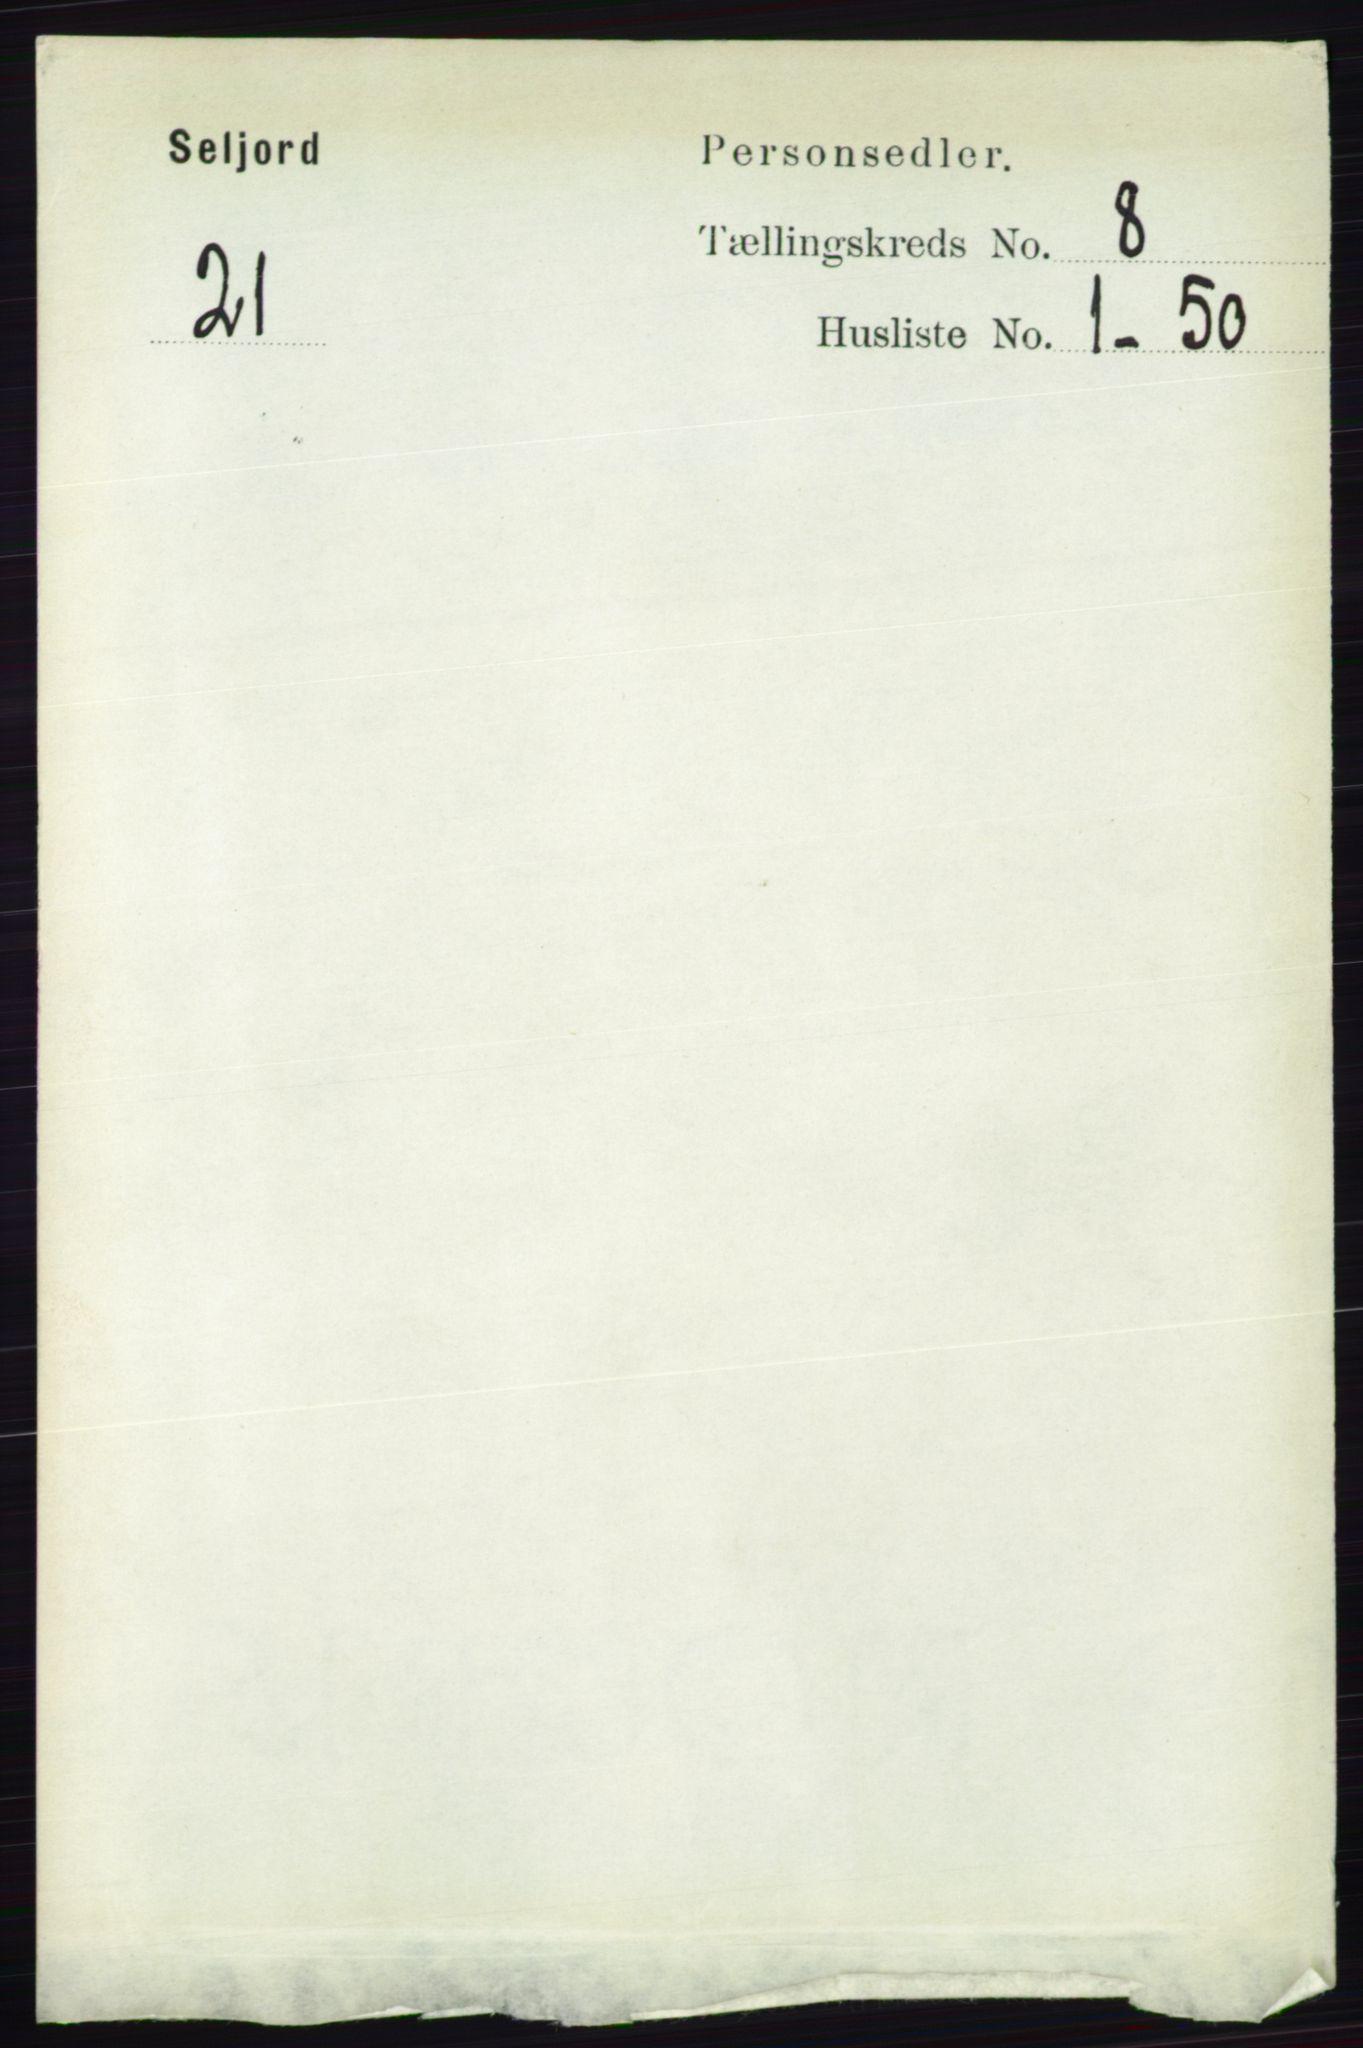 RA, Folketelling 1891 for 0828 Seljord herred, 1891, s. 2875